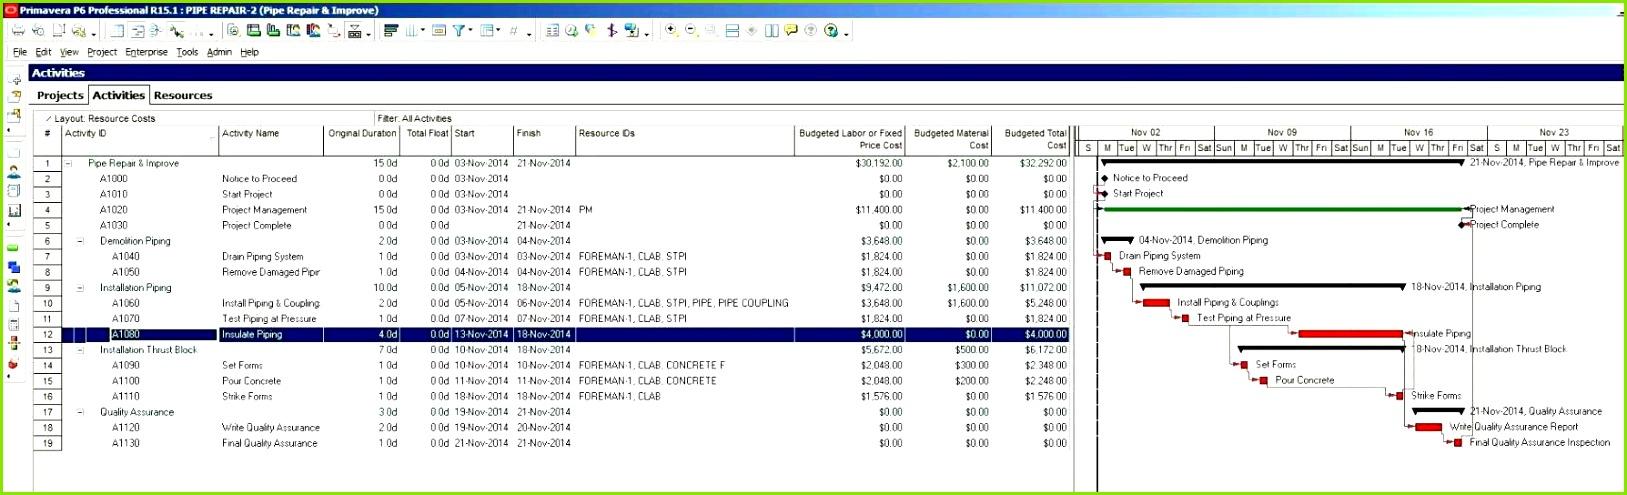 Bilanz Muster Excel Frisch 10 Planung Excel Vorlage Vorlagen123 Vorlagen123 Neu Bilanz Muster Excel